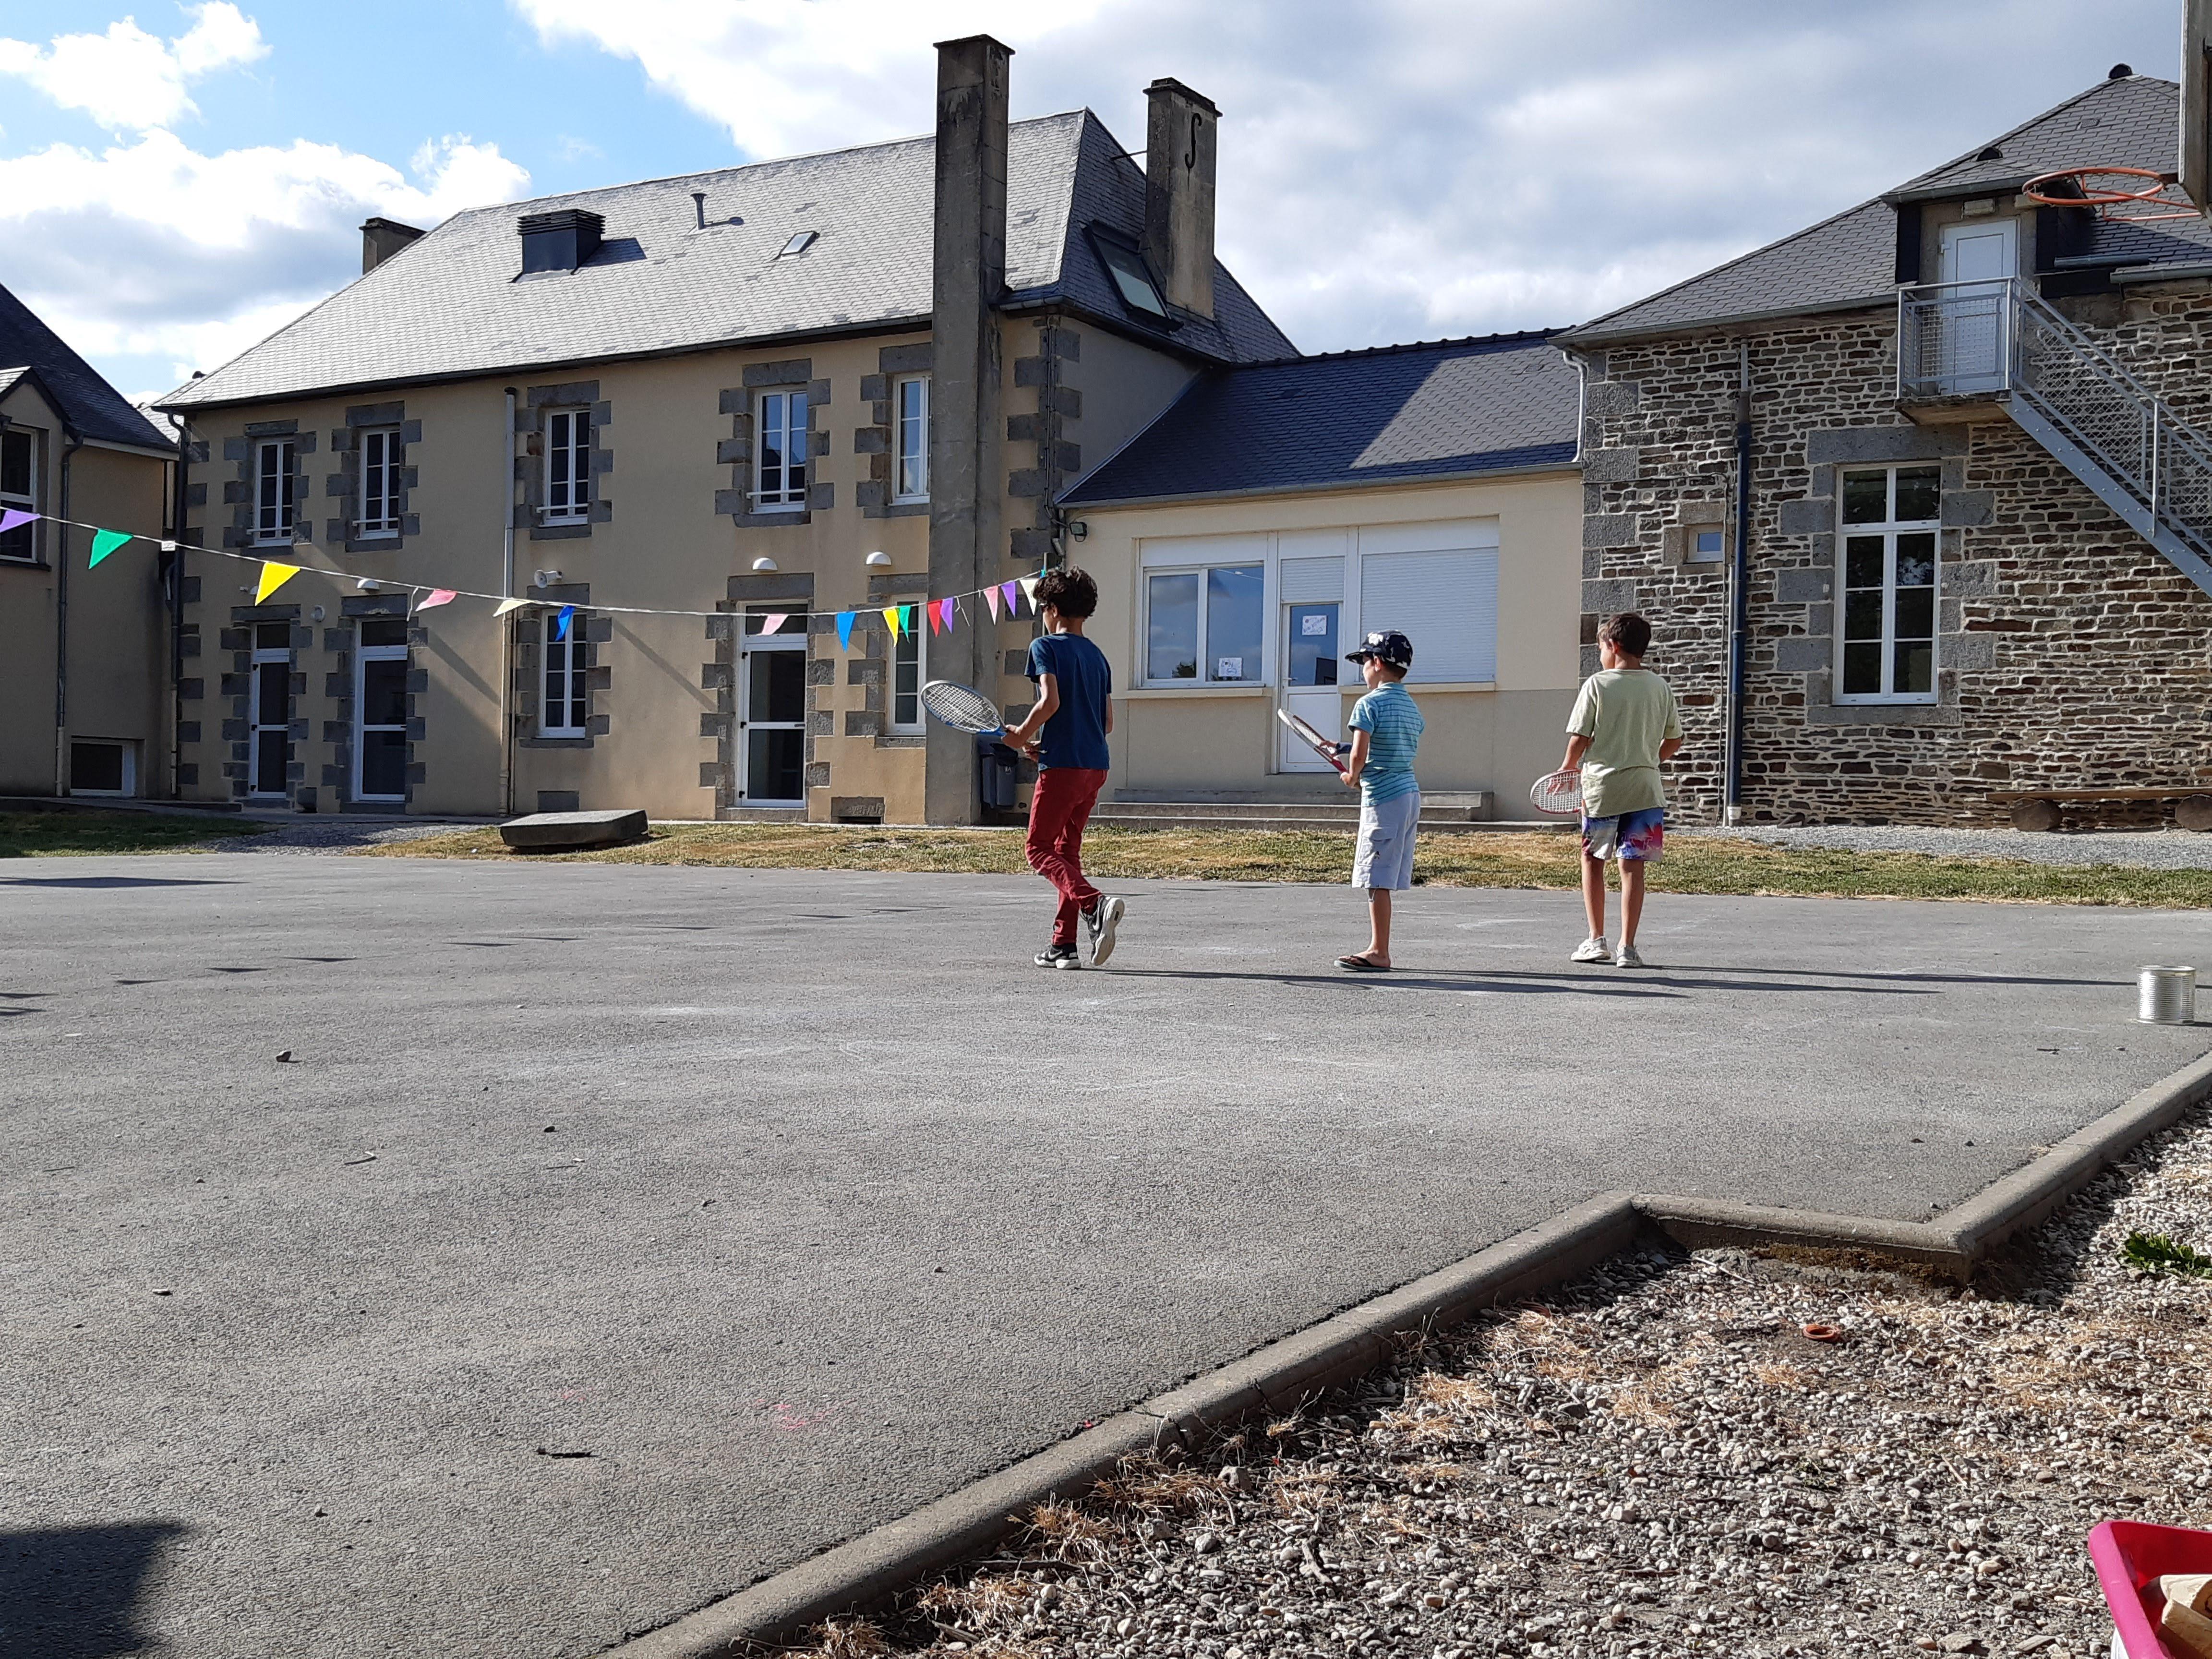 Jeux sportifs dans la cour du centre